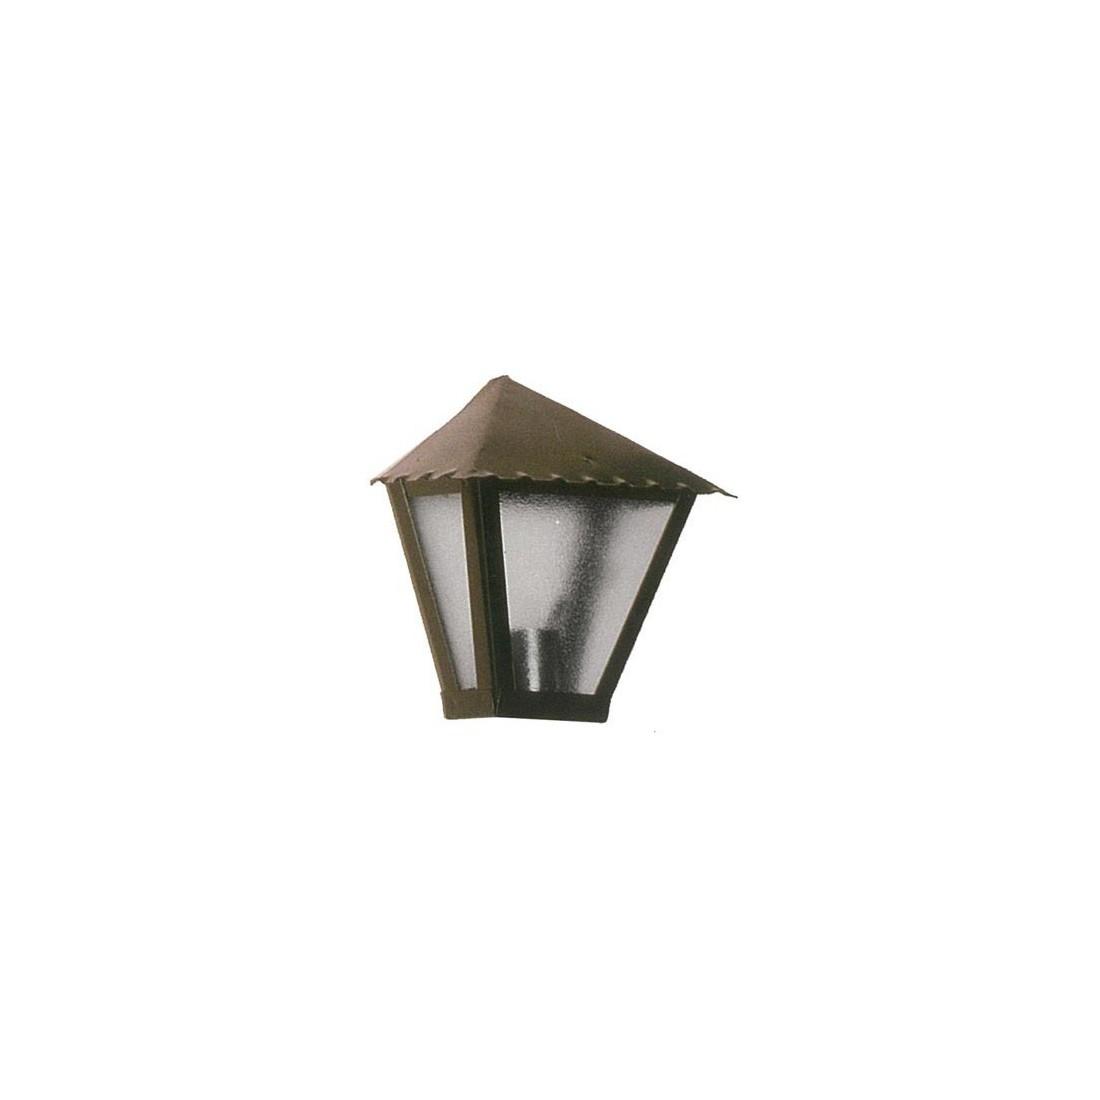 Lamparas Para Baño Baratas:lámparas baratas referencia lámpara de techo de forja marrón óxido